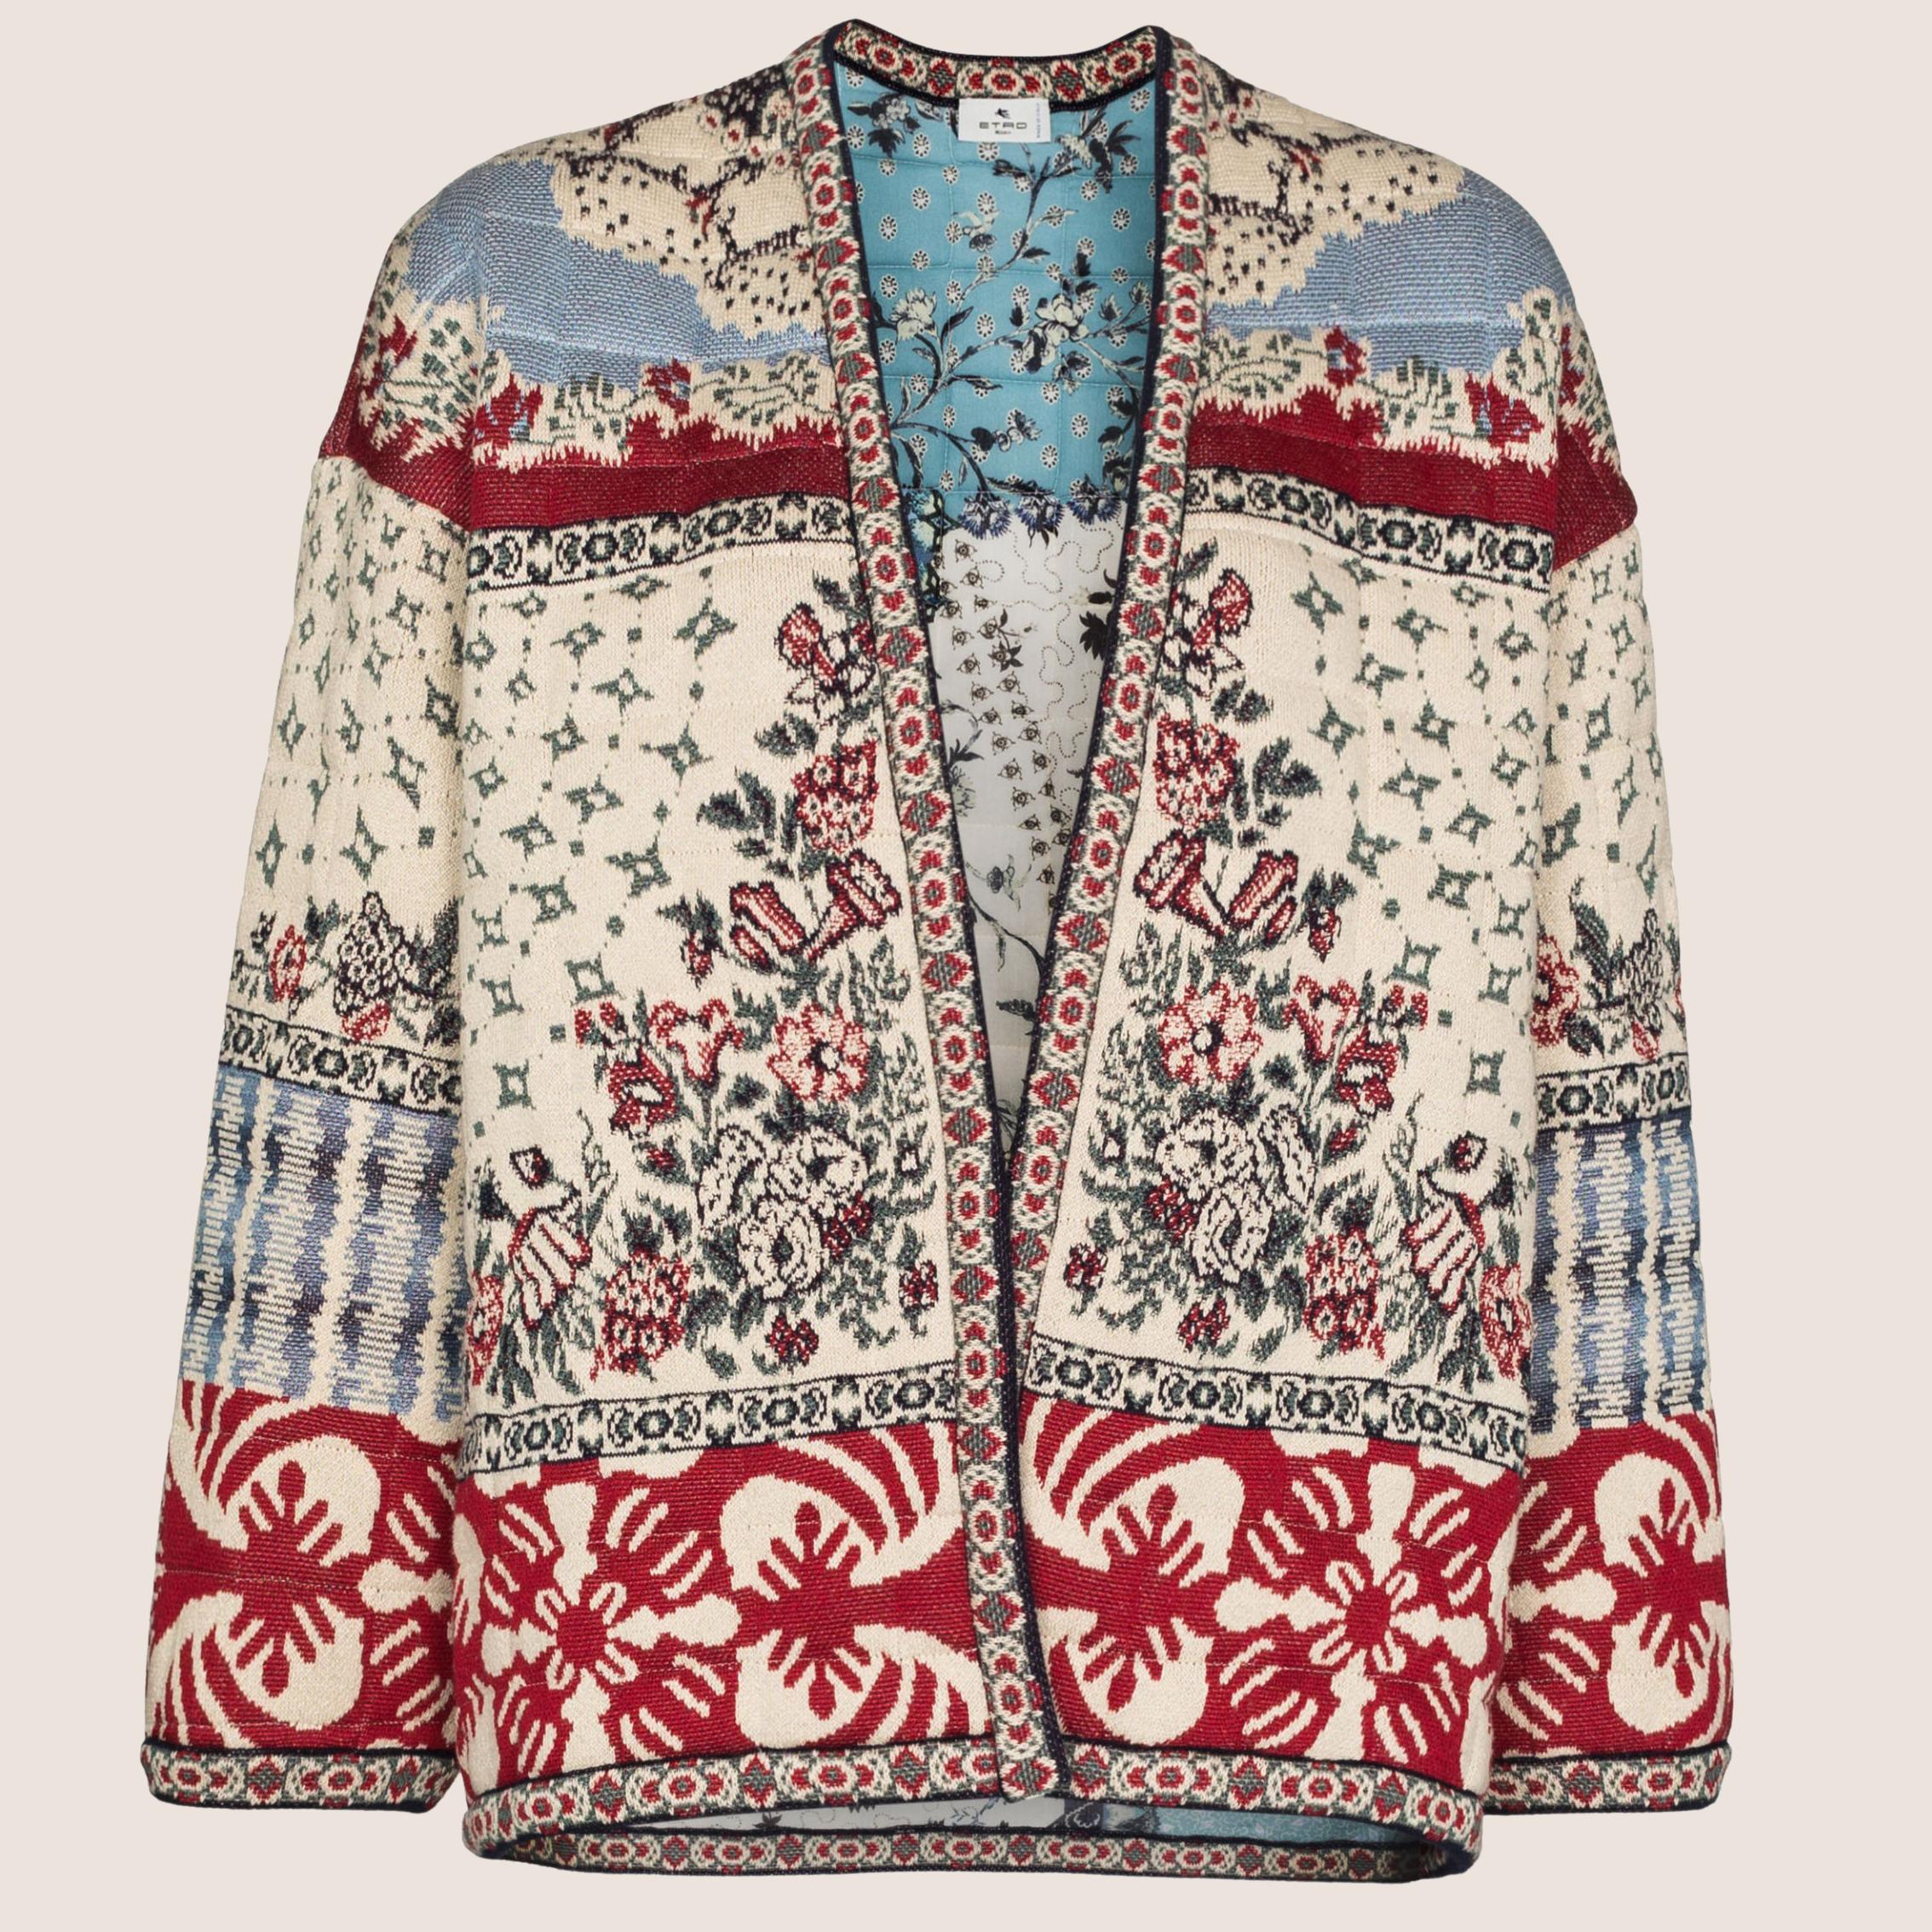 Etro -Jacket